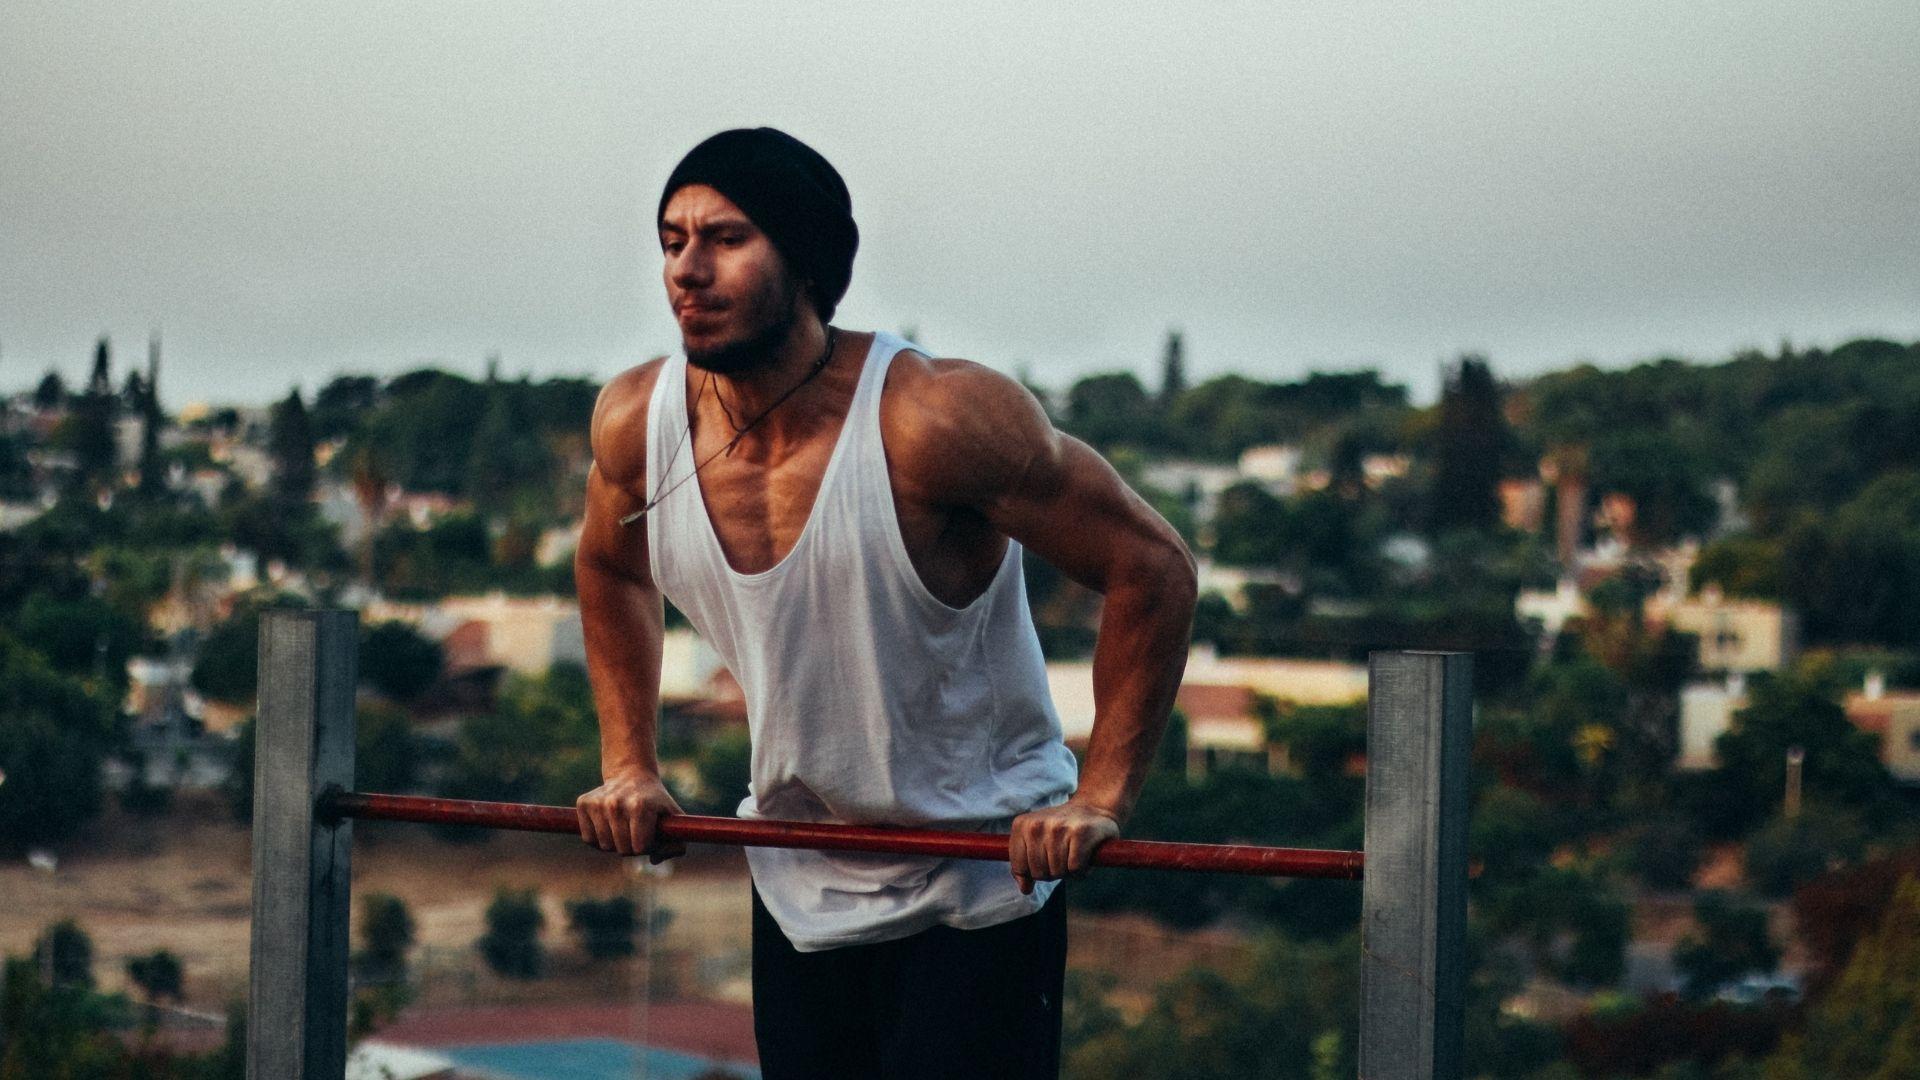 Trainingsprinzipien für schnelle Trainingserfolge04